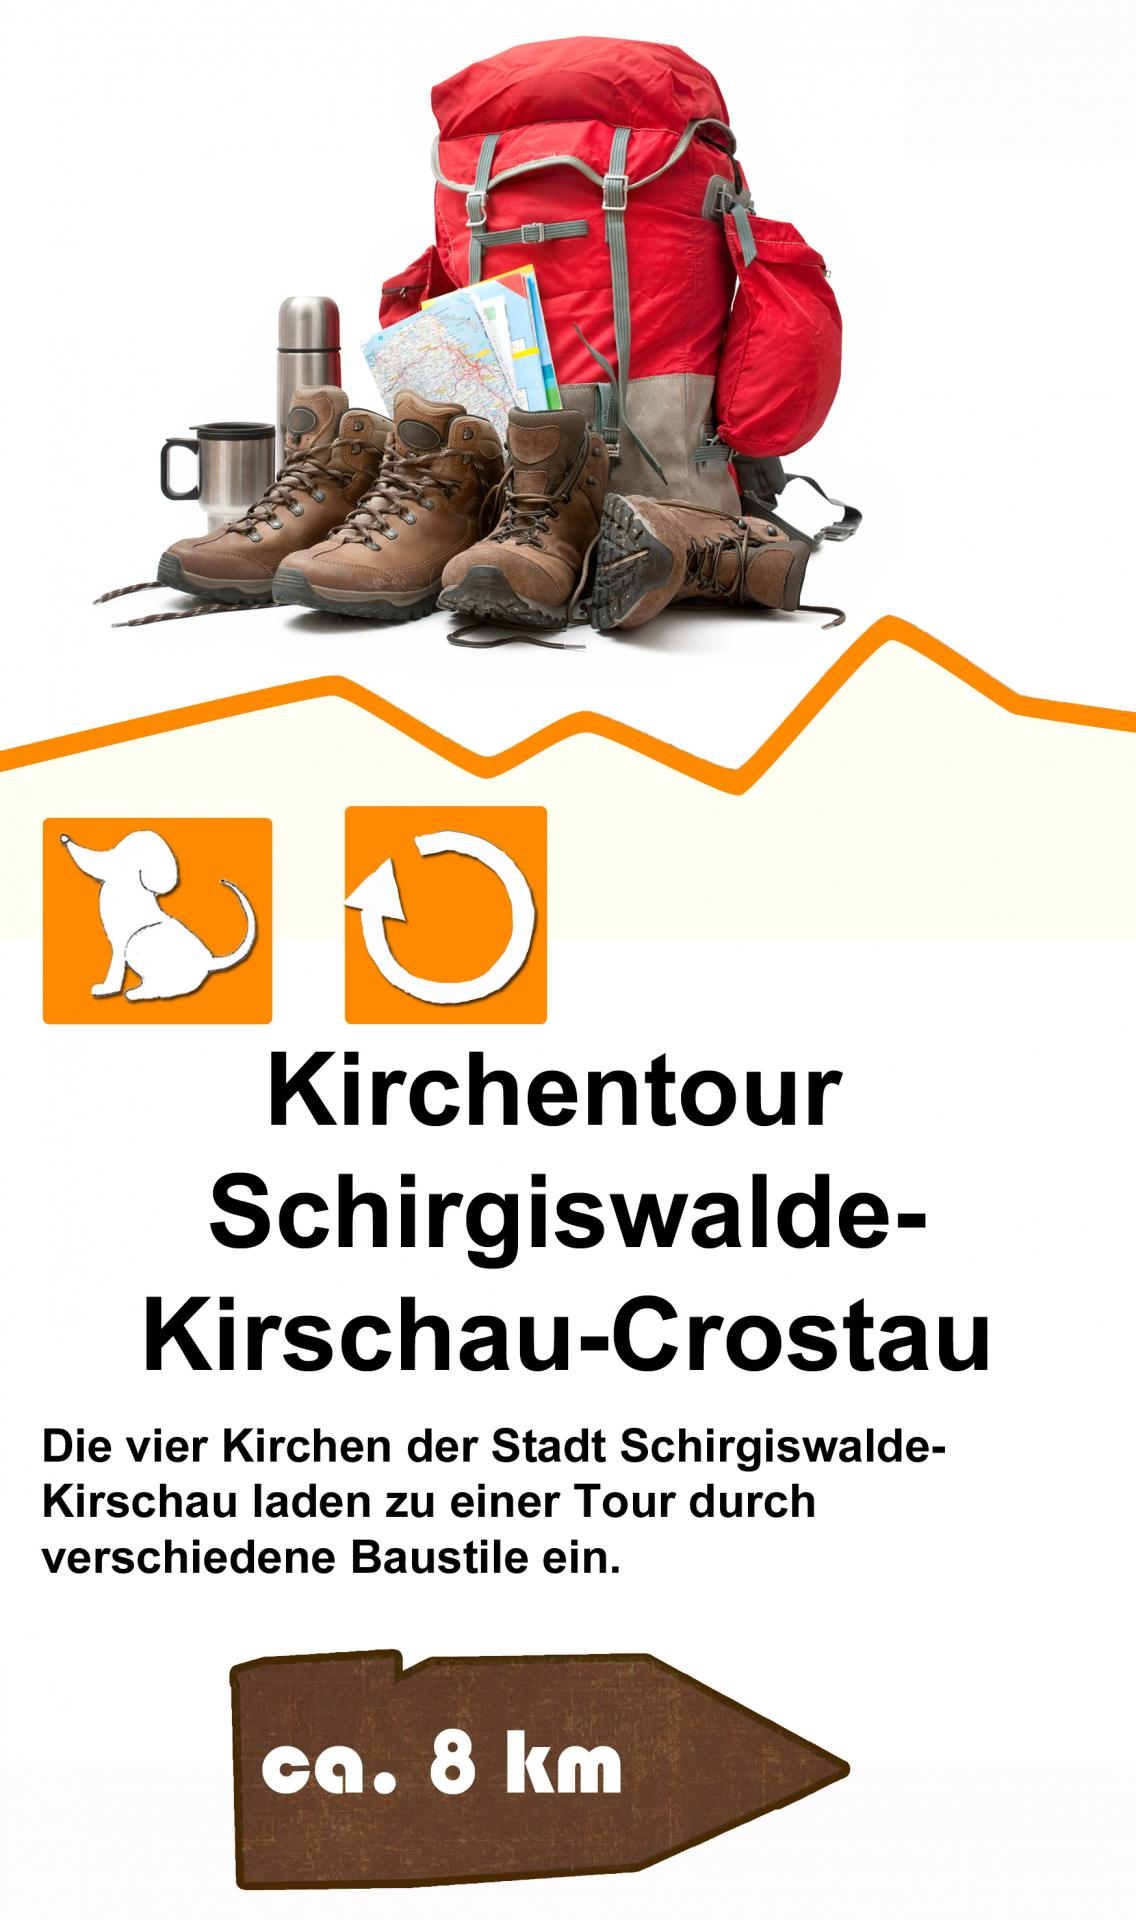 Kirchentour Schirgiswalde-Kirschau-Corstau